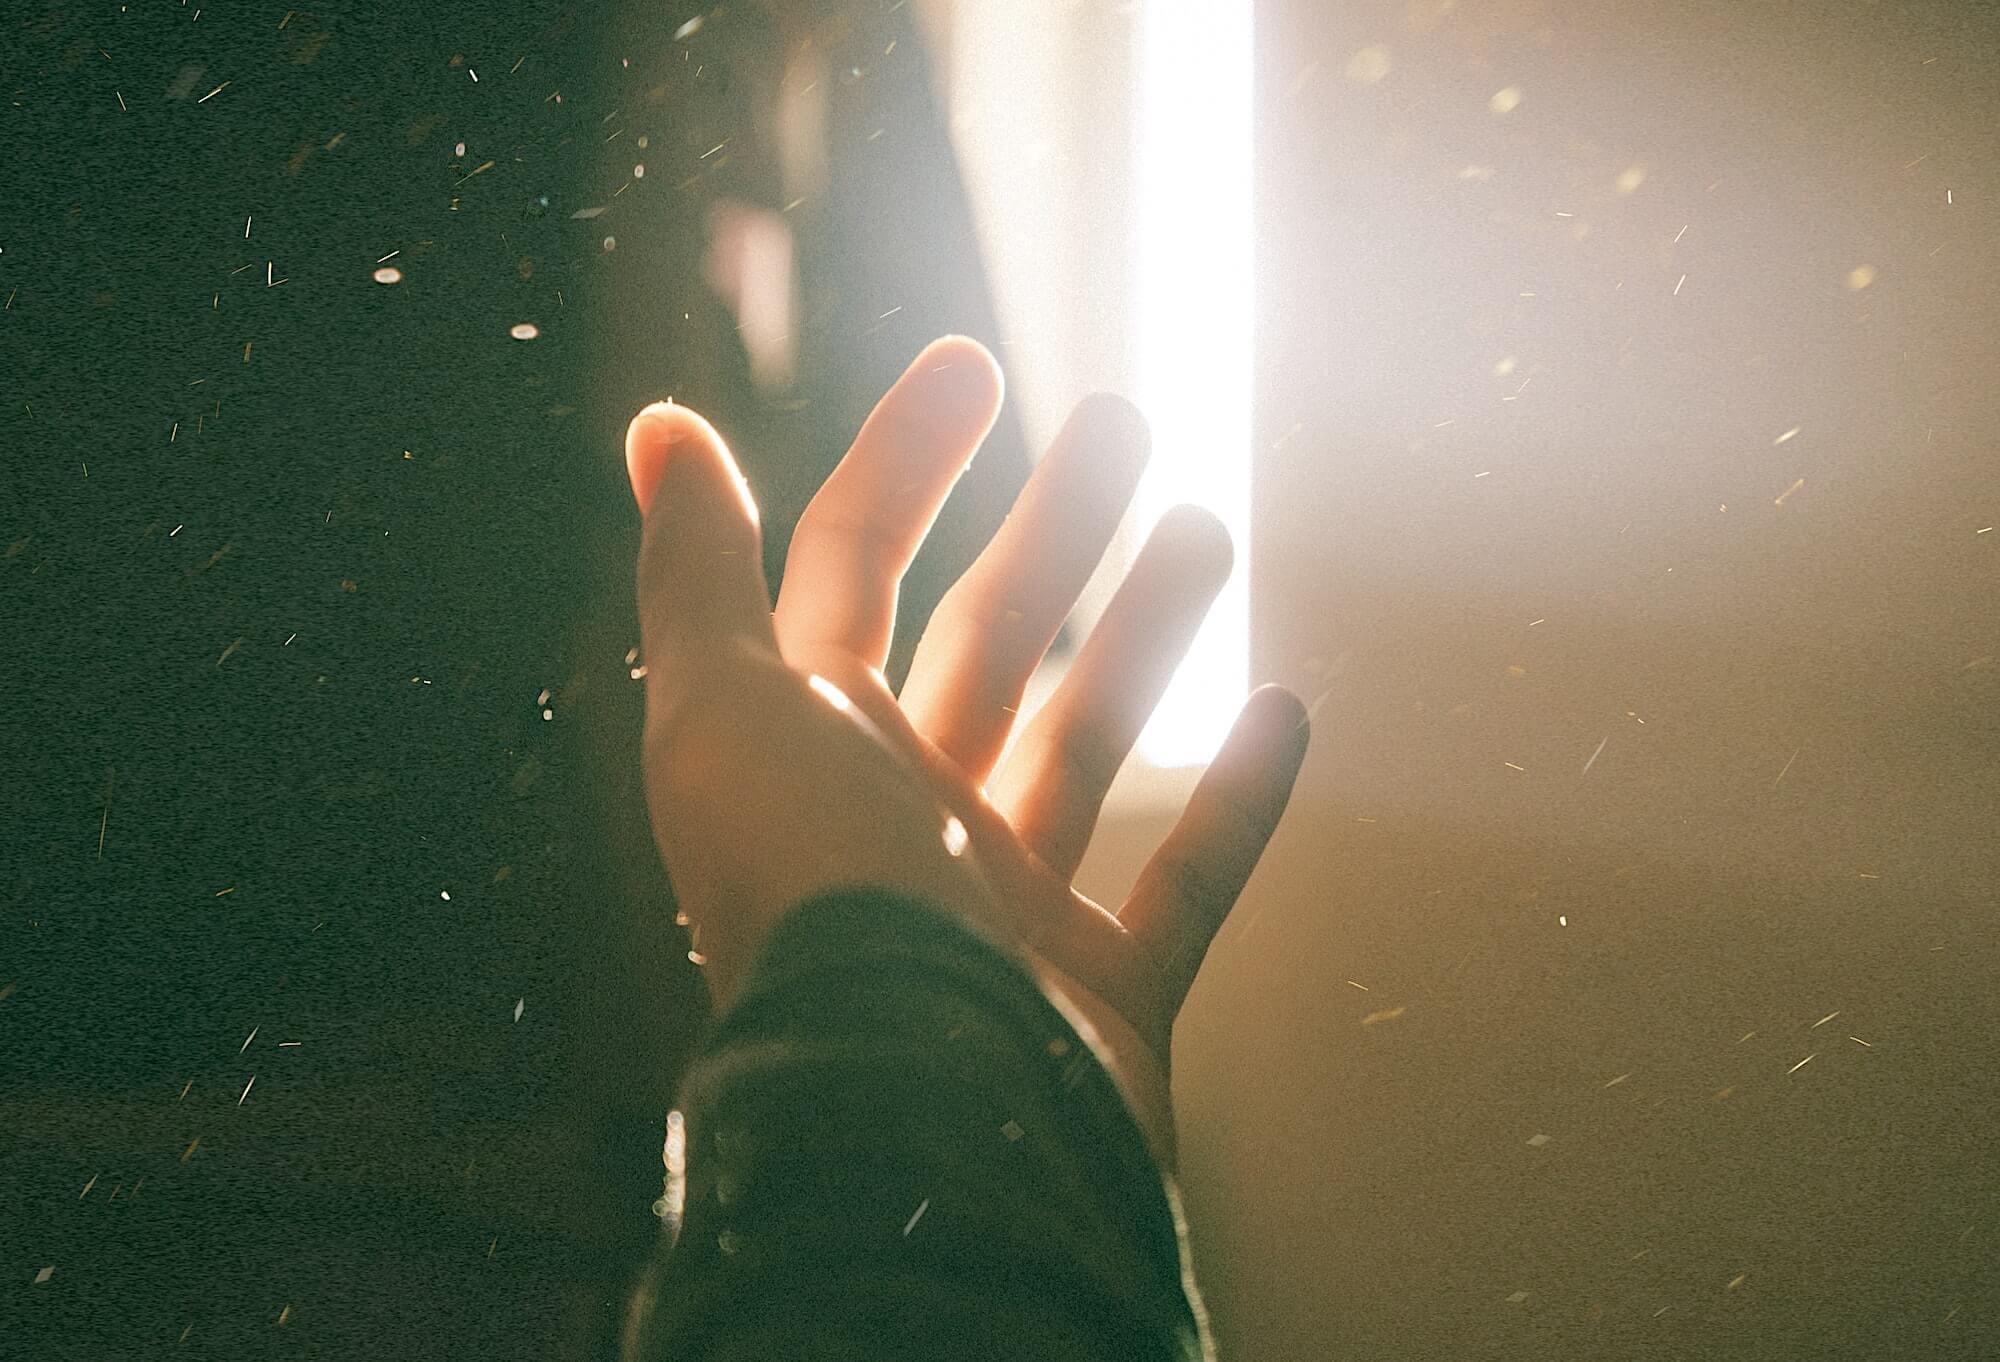 Фотография: Dyu - Ha. Источник: Unsplash.com